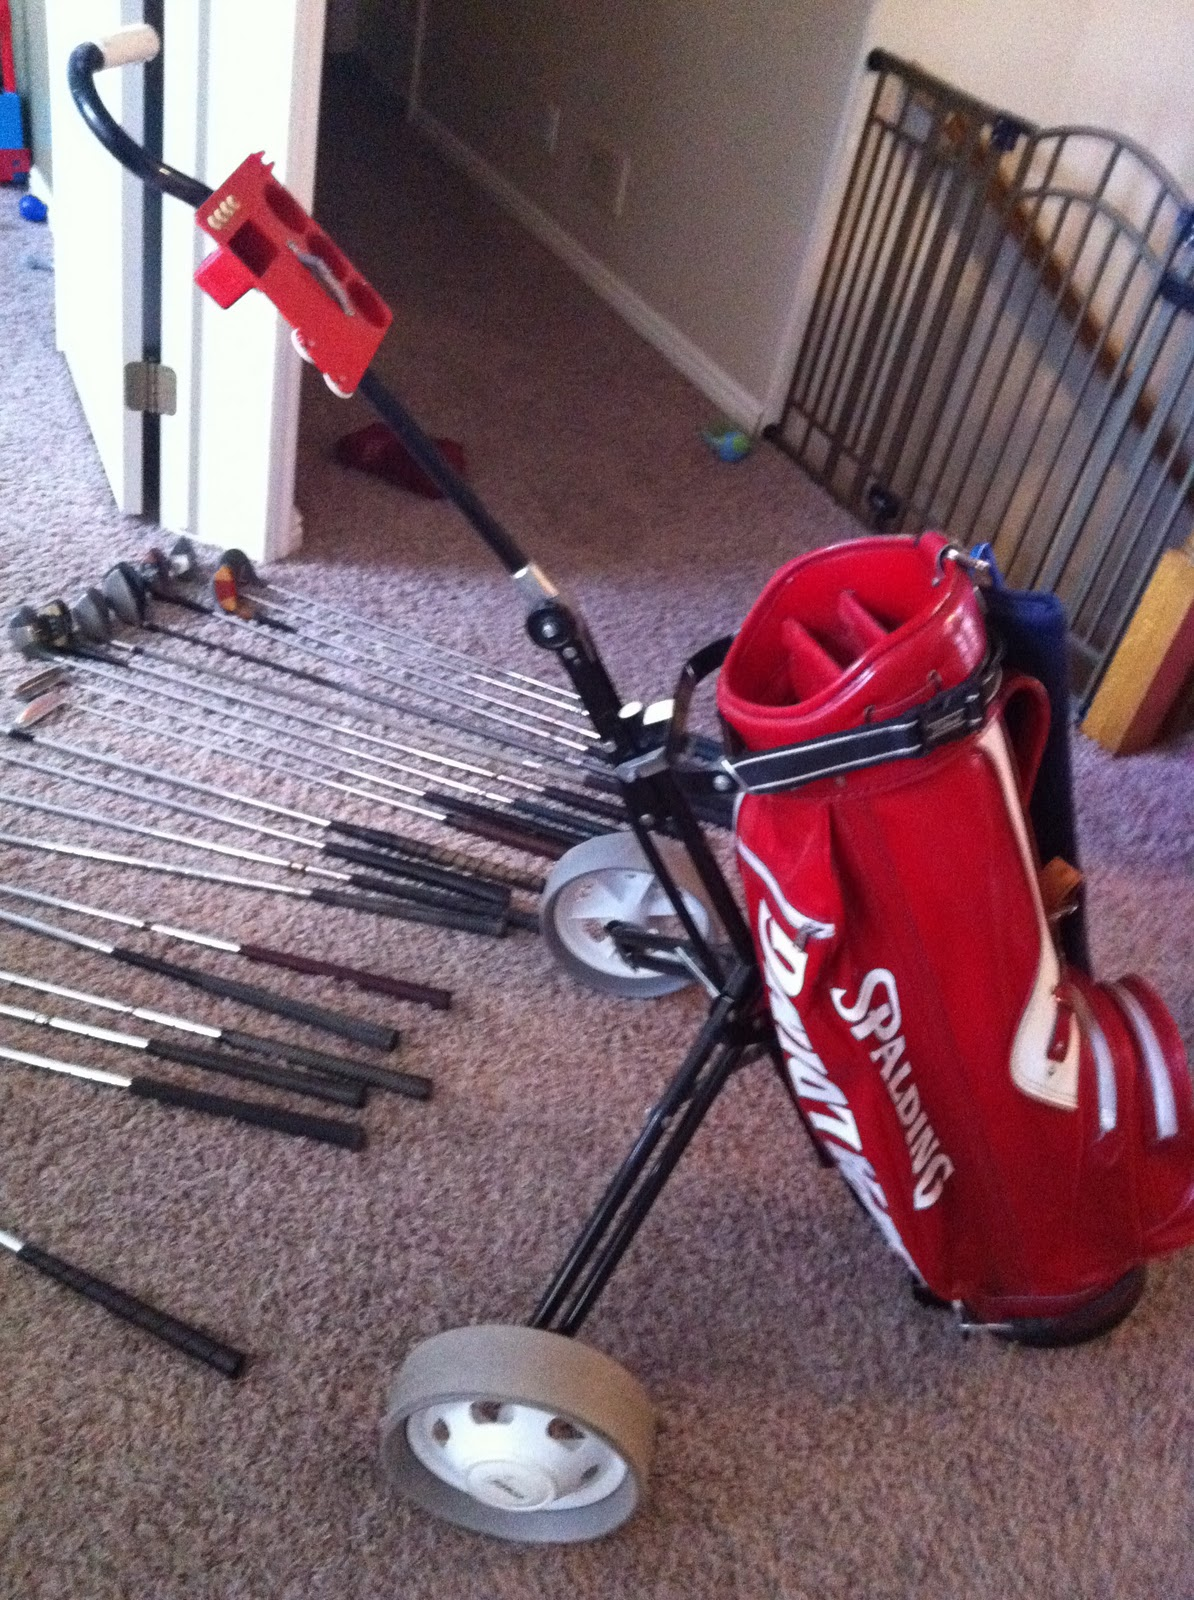 Online Yard Sale Vintage Spalding Red Leather Golf Bag